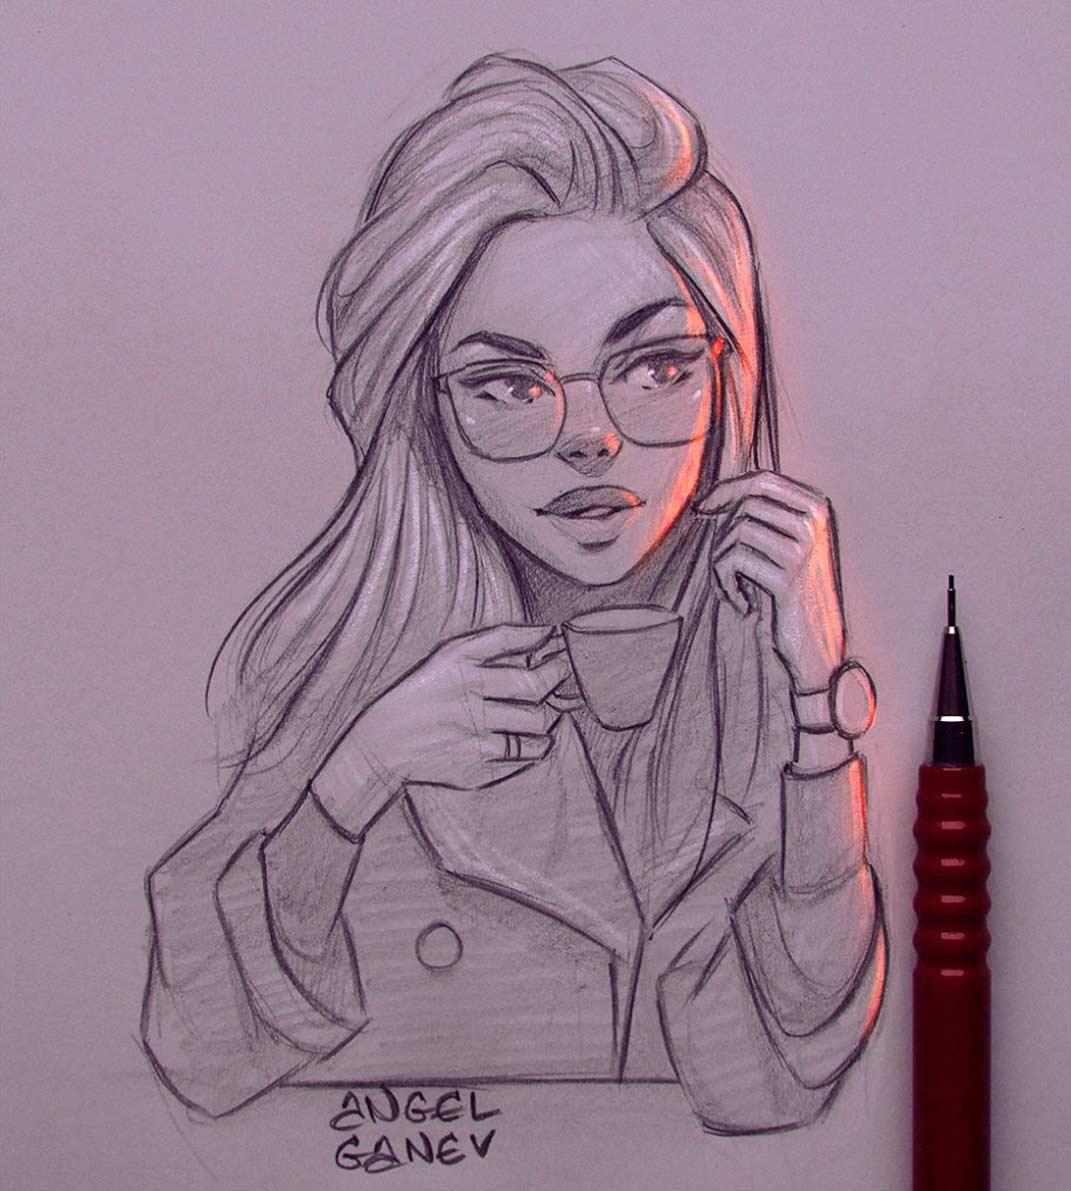 Zeichnungen: Angel Ganev Angel-Ganev-Zeichnungen_03